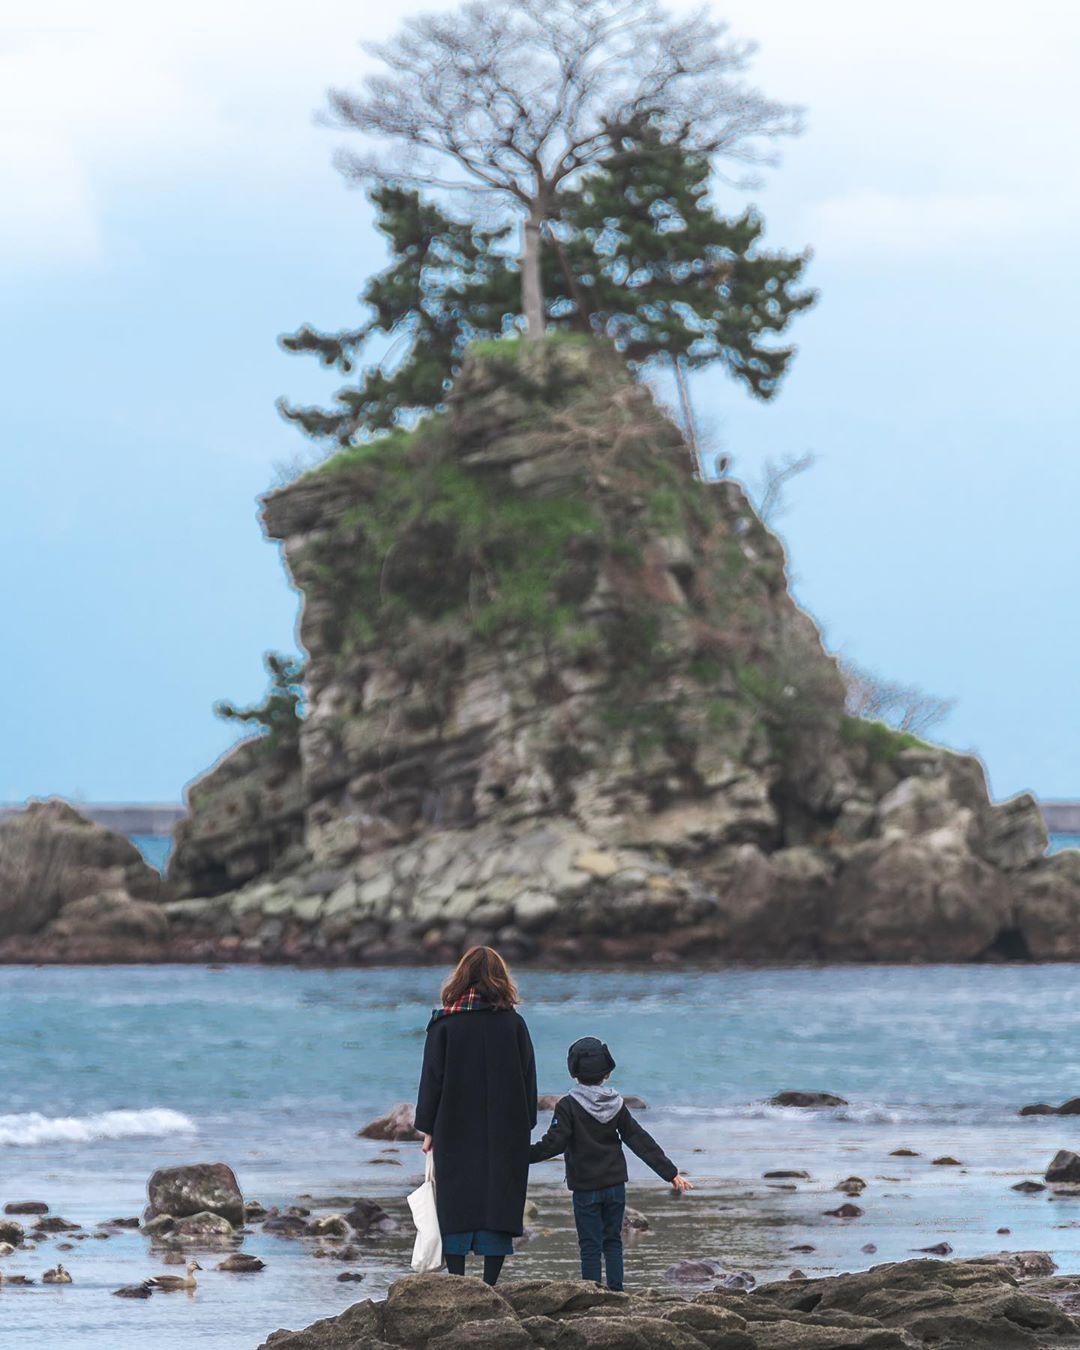 """Có một nước Nhật đẹp đến nao lòng qua ống kính của ông bố trẻ """"mê"""" chụp ảnh vợ và con trai, ai xem xong cũng """"tan chảy"""" - Ảnh 23."""